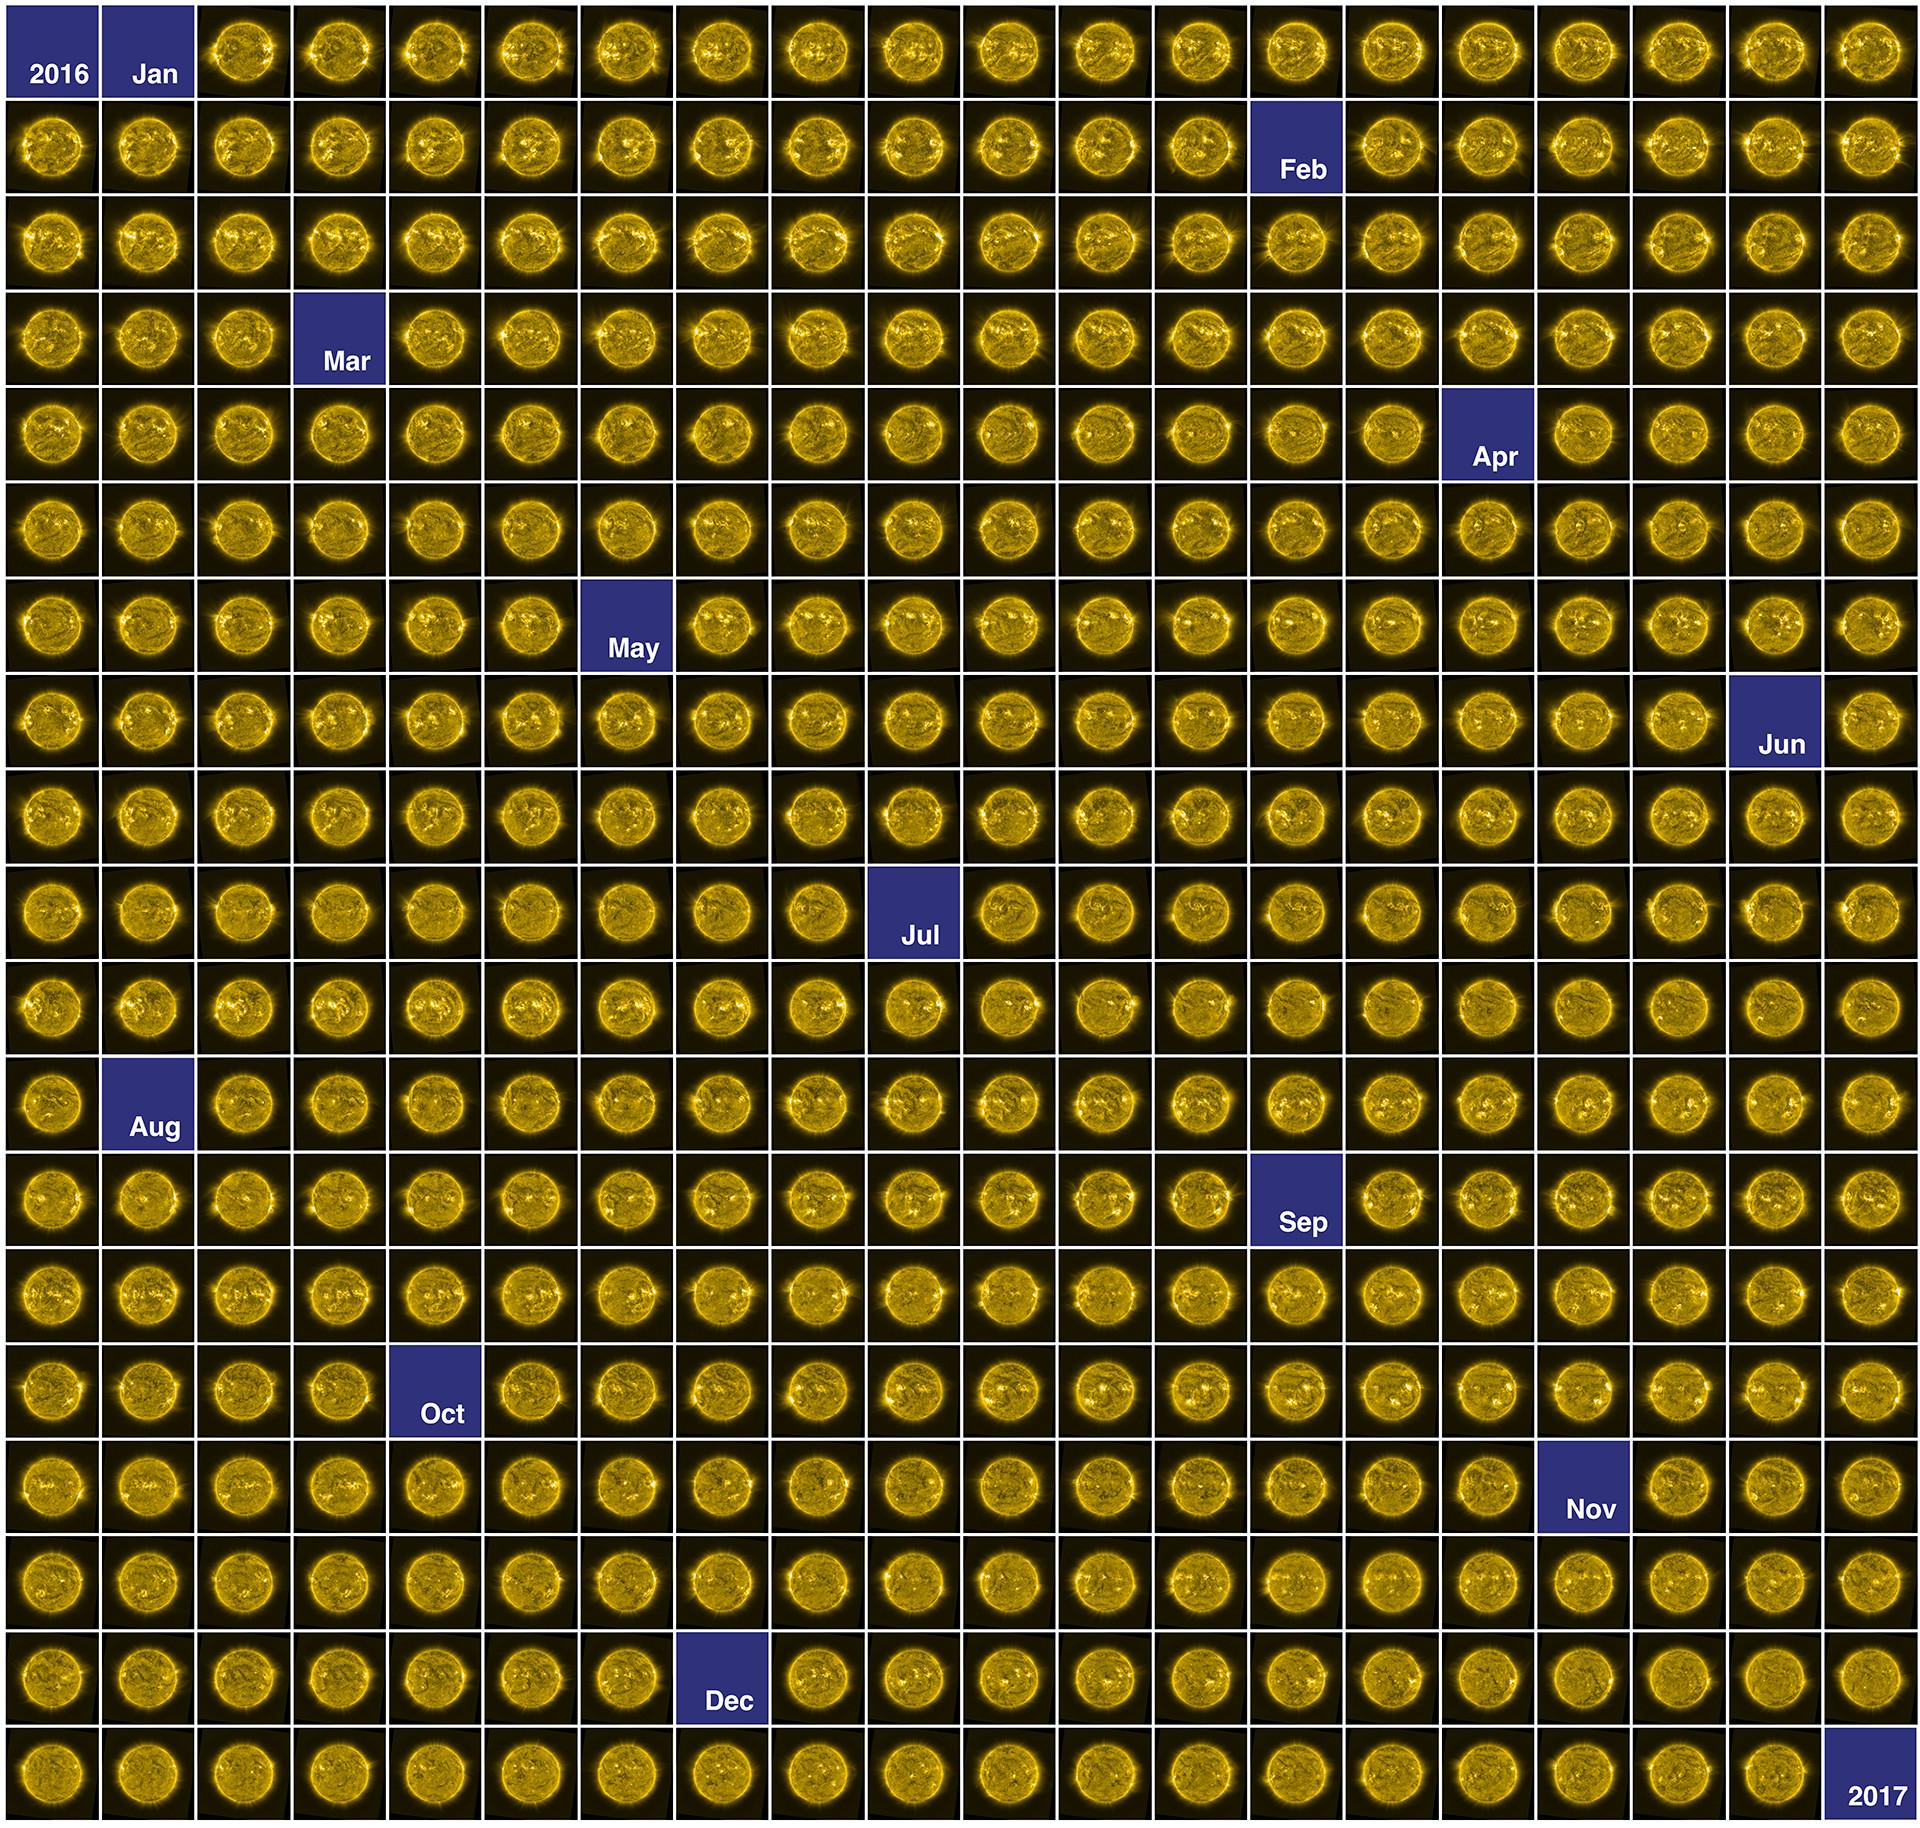 Grafika ukazuje 366 zdjęć (pojednym nakażdy dzień 2016 roku) wykonanych przezsatelitę Proba-2. Obrazy Słońca, zarejestrowane przezaparat SWAP, ukazują jego niespokojną atmosferę wraz zeznajdującymi się naniej dziurami koronalnymi.